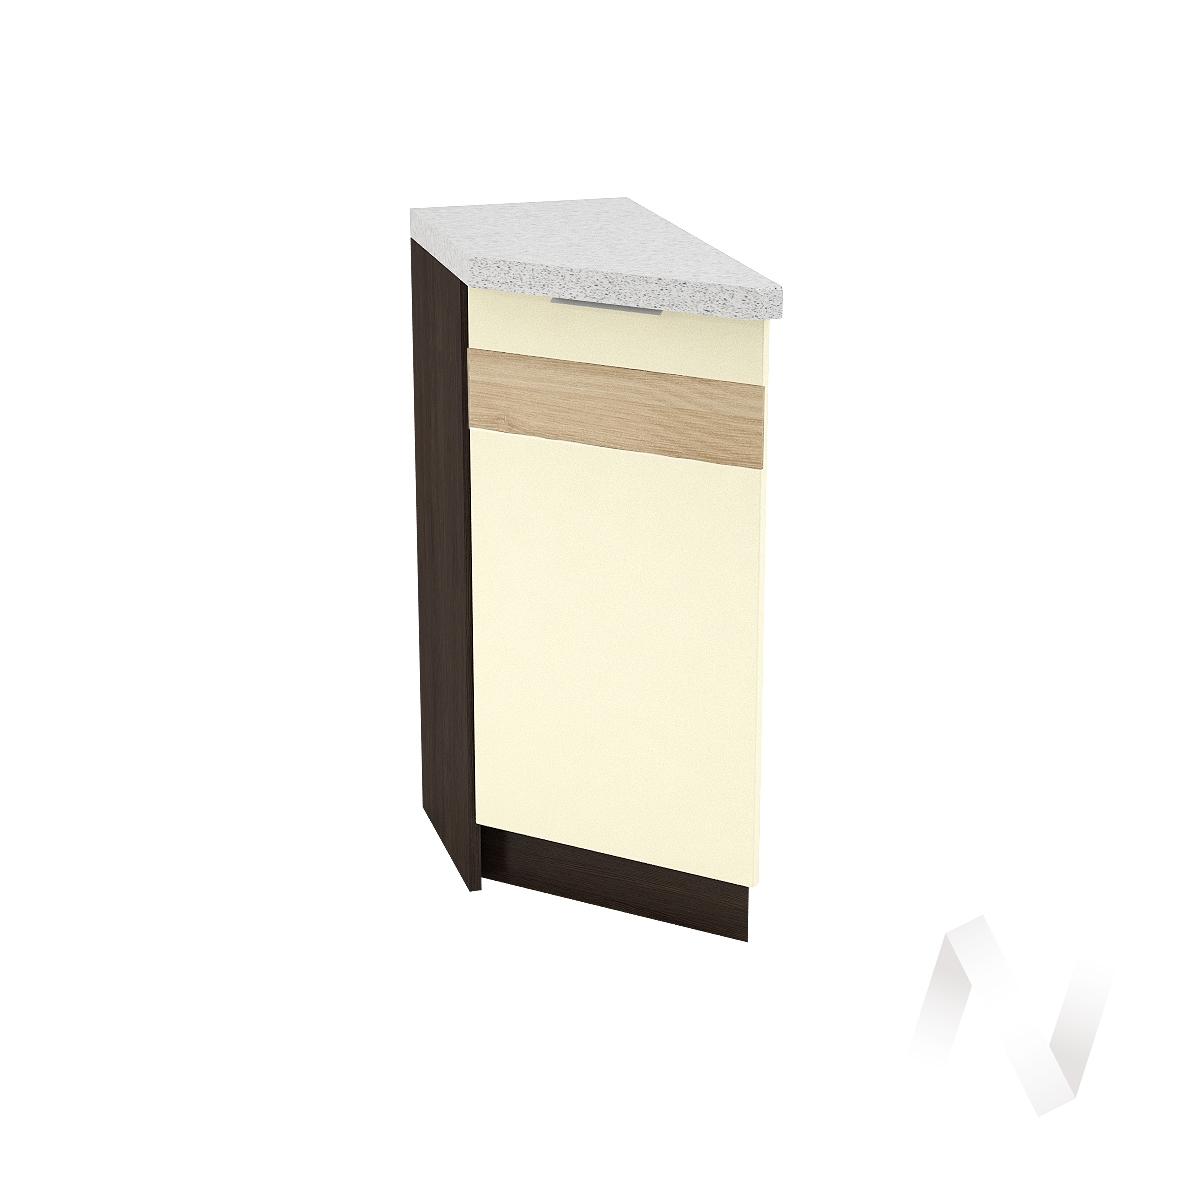 """Кухня """"Терра"""": Шкаф нижний торцевой левый 300, ШНТ 300 (ваниль софт/корпус венге)"""